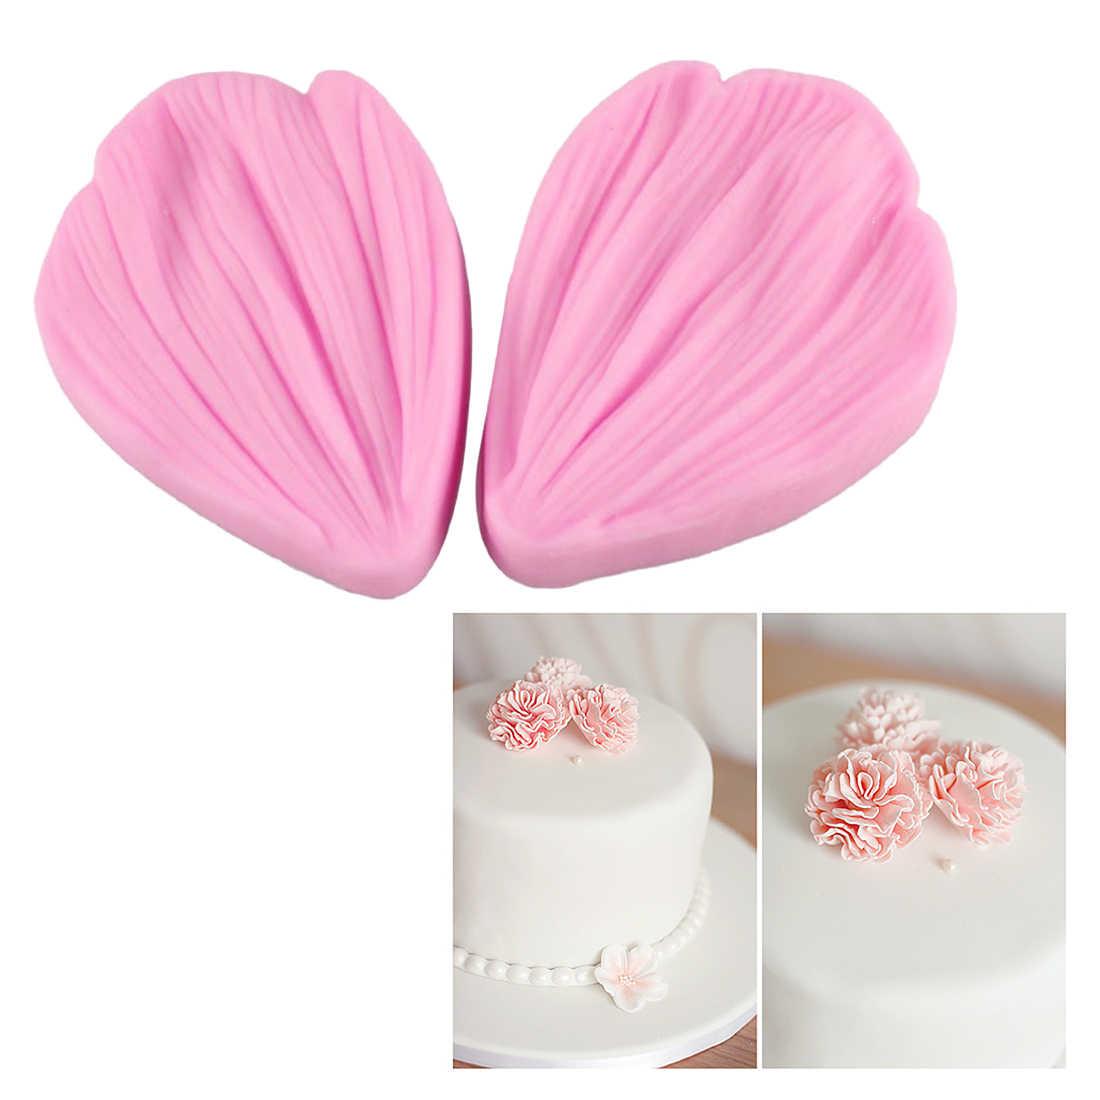 ケーキ型 1PC シリコーンデイジーの花の花びらエンボス加工ケーキ金型キッチンキャンディーチョコレート石鹸ステンシルペストリーツールベーキングパン